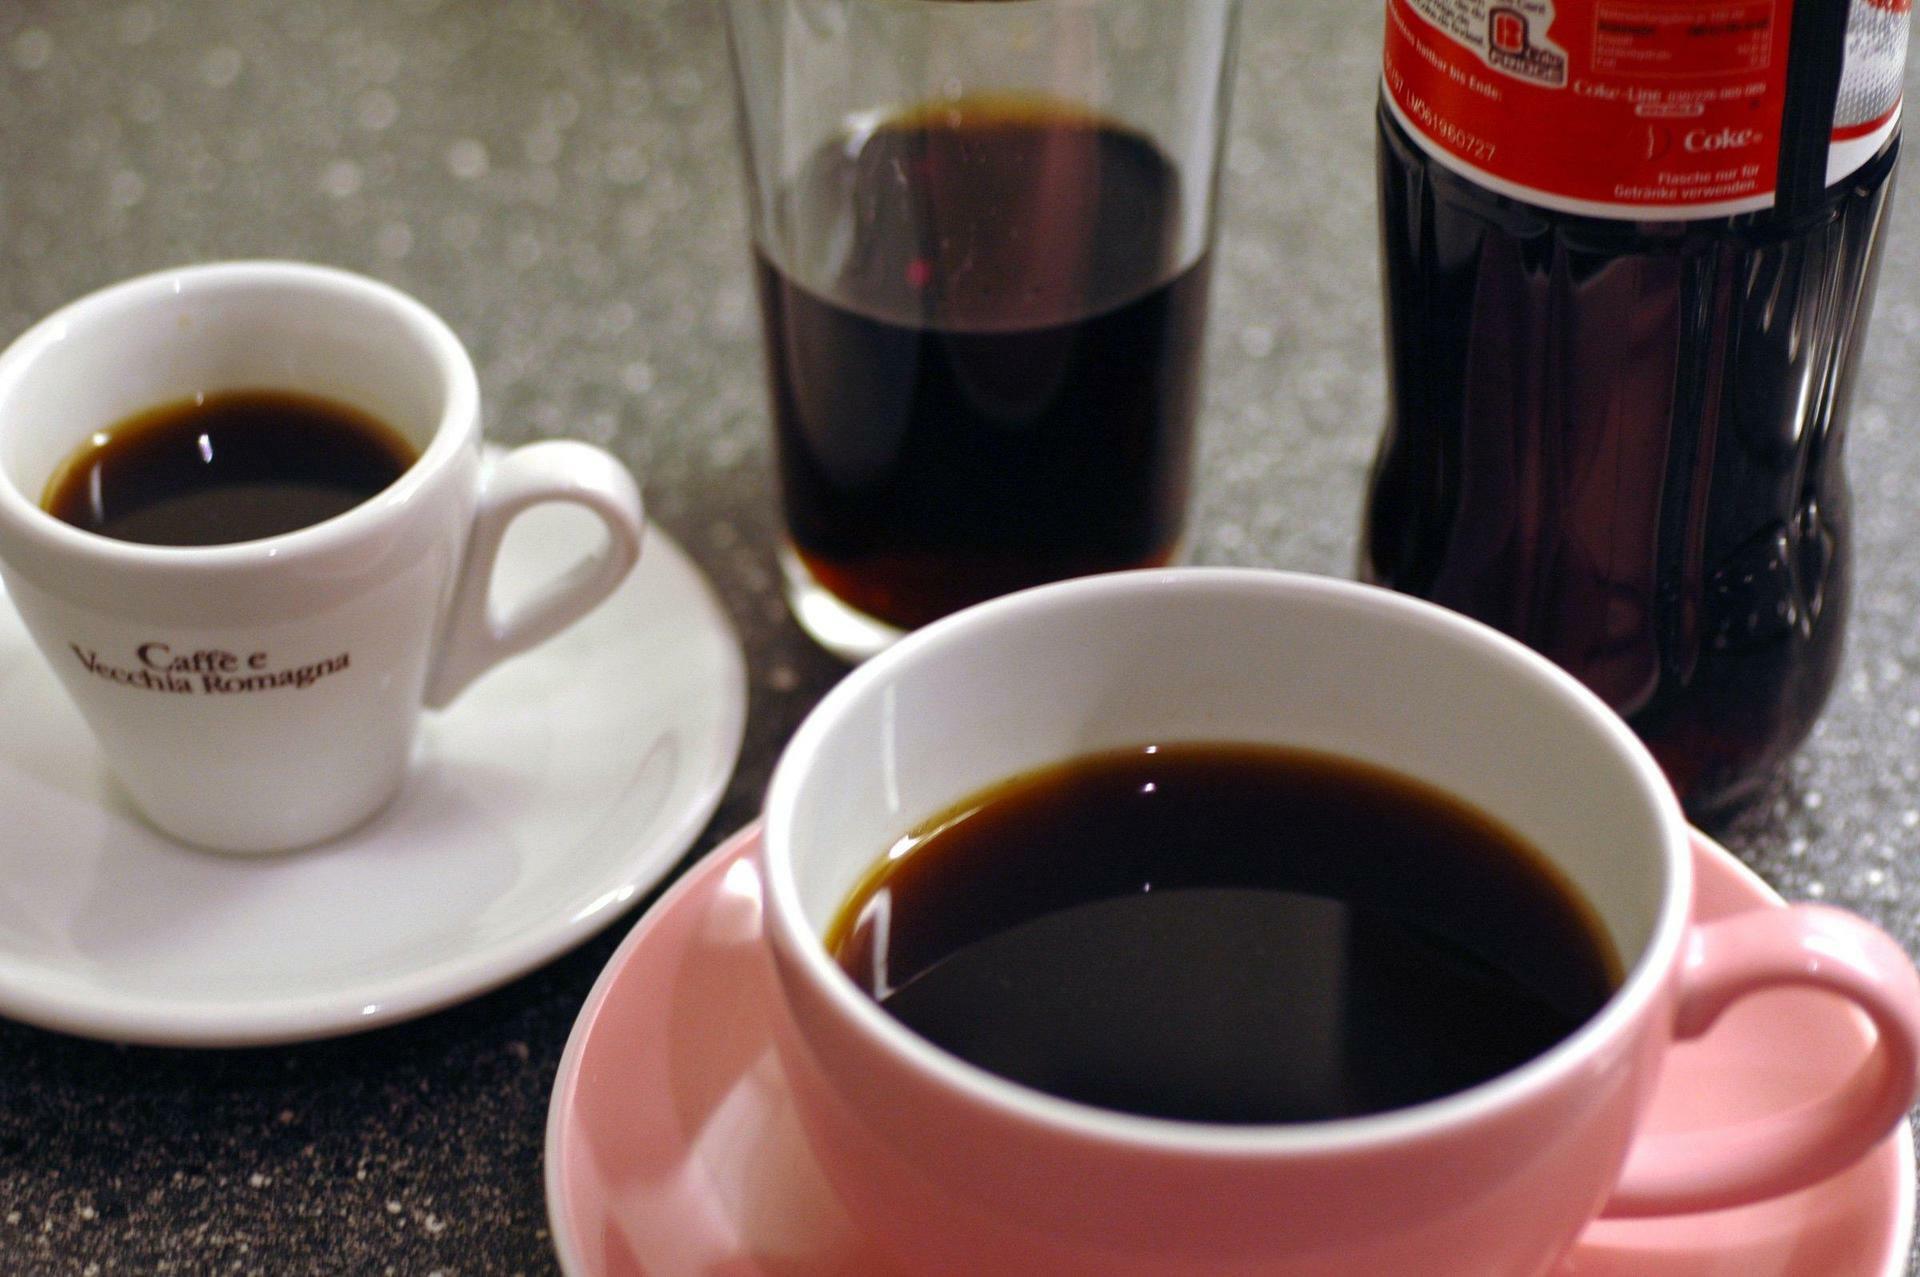 Bei Frauen und Männern: Mehr als zwei Koffein-Getränke täglich ...